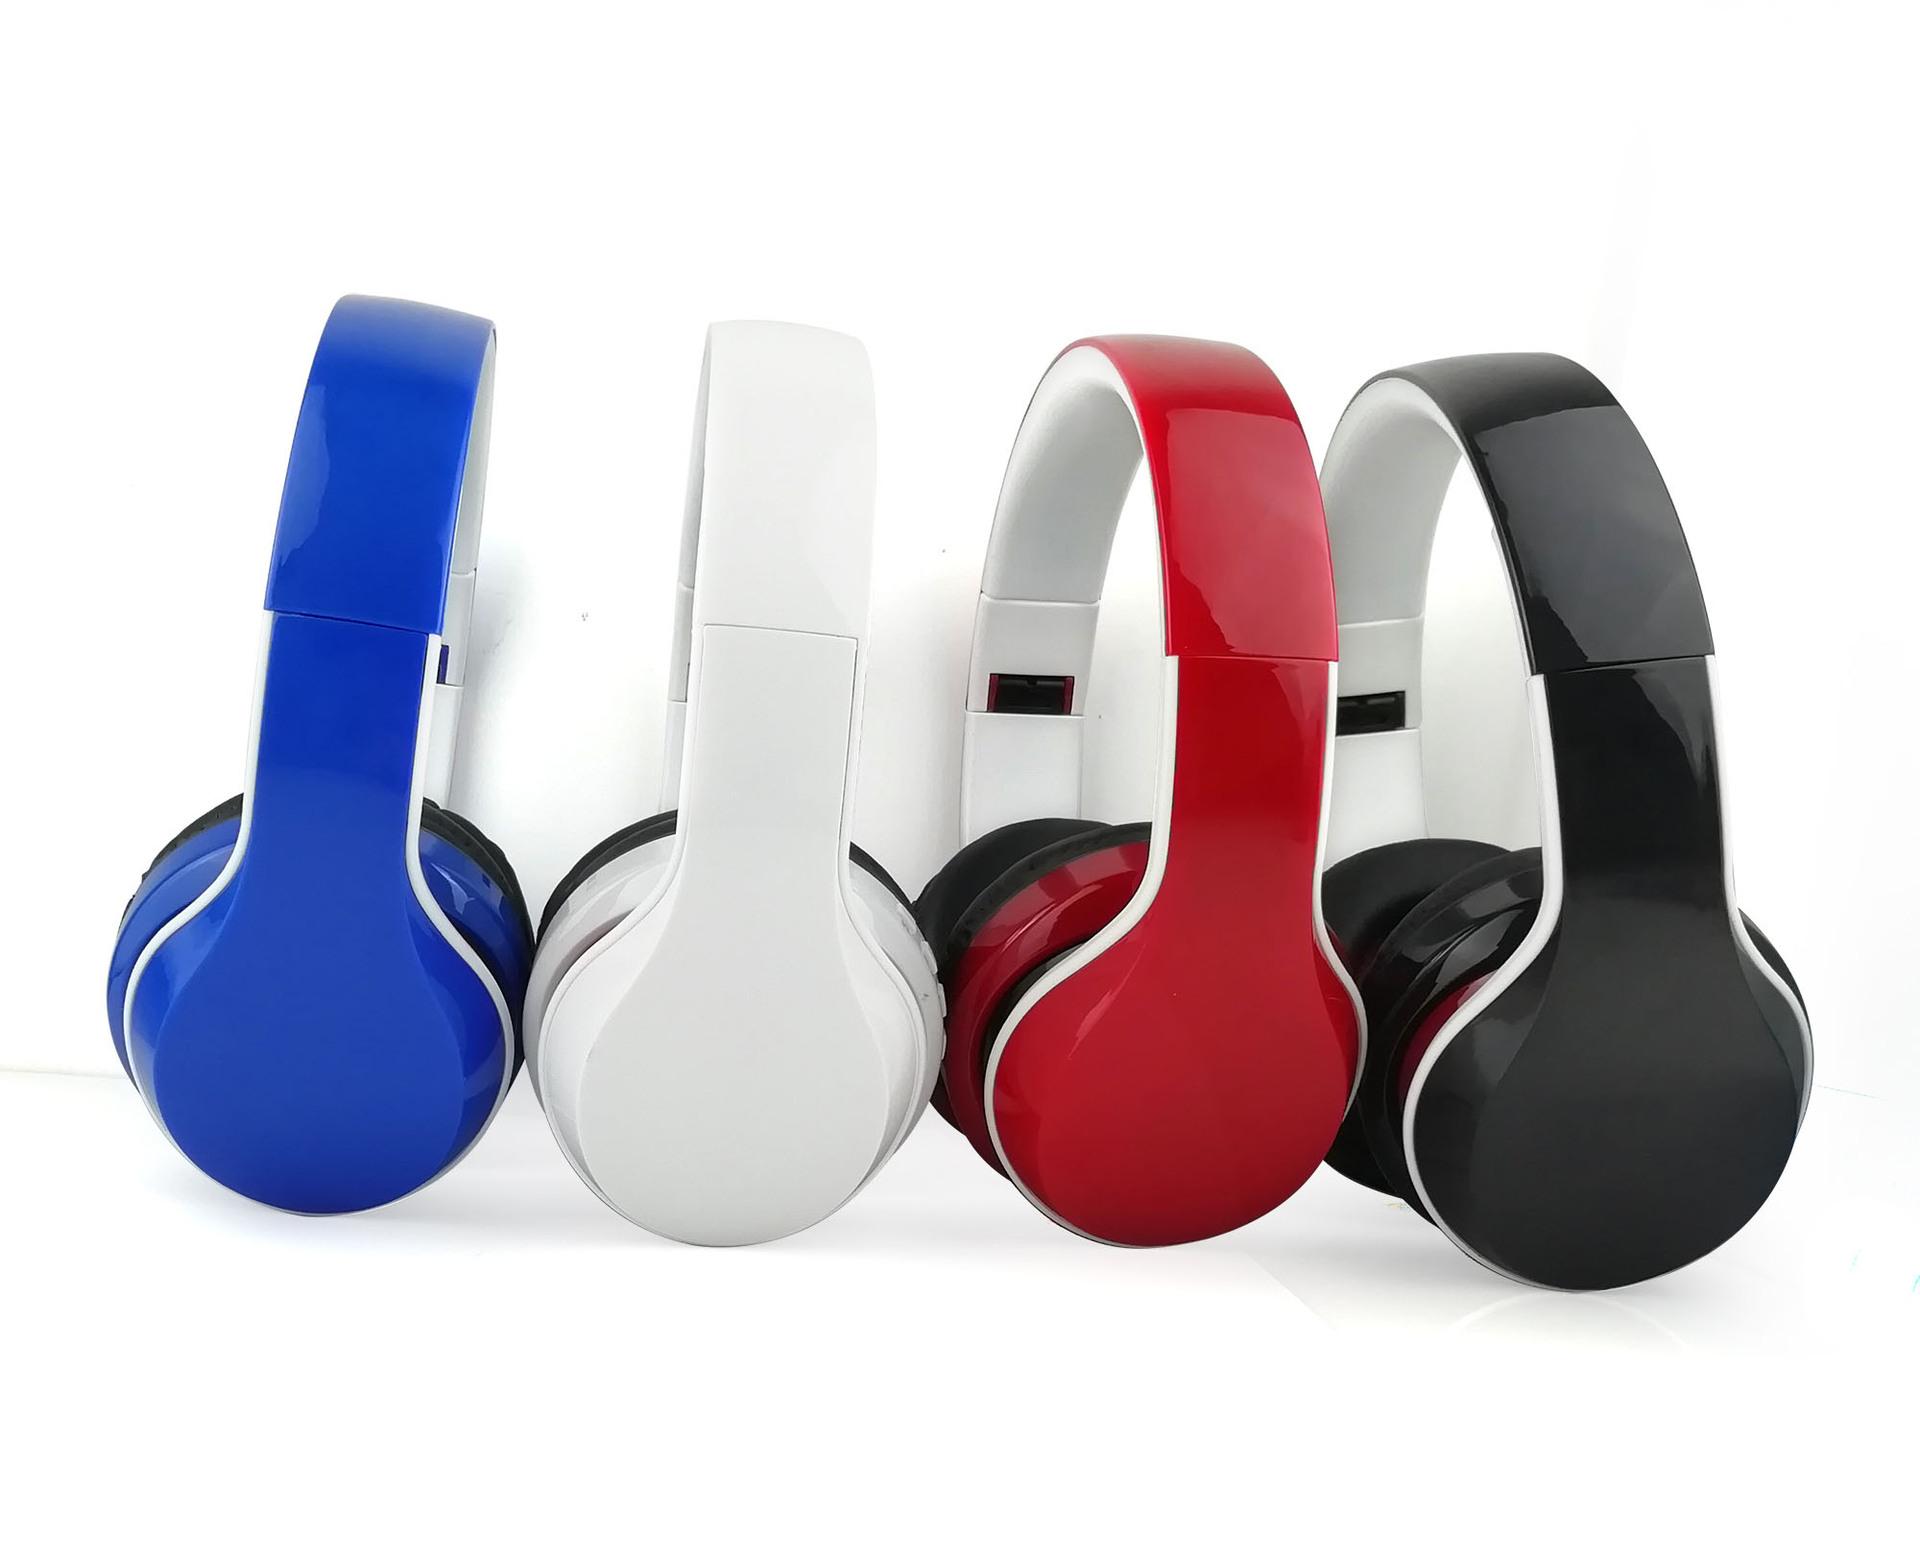 2018新款私模休闲舒适头戴式蓝牙耳机 调频音频插卡Bluetooth耳机